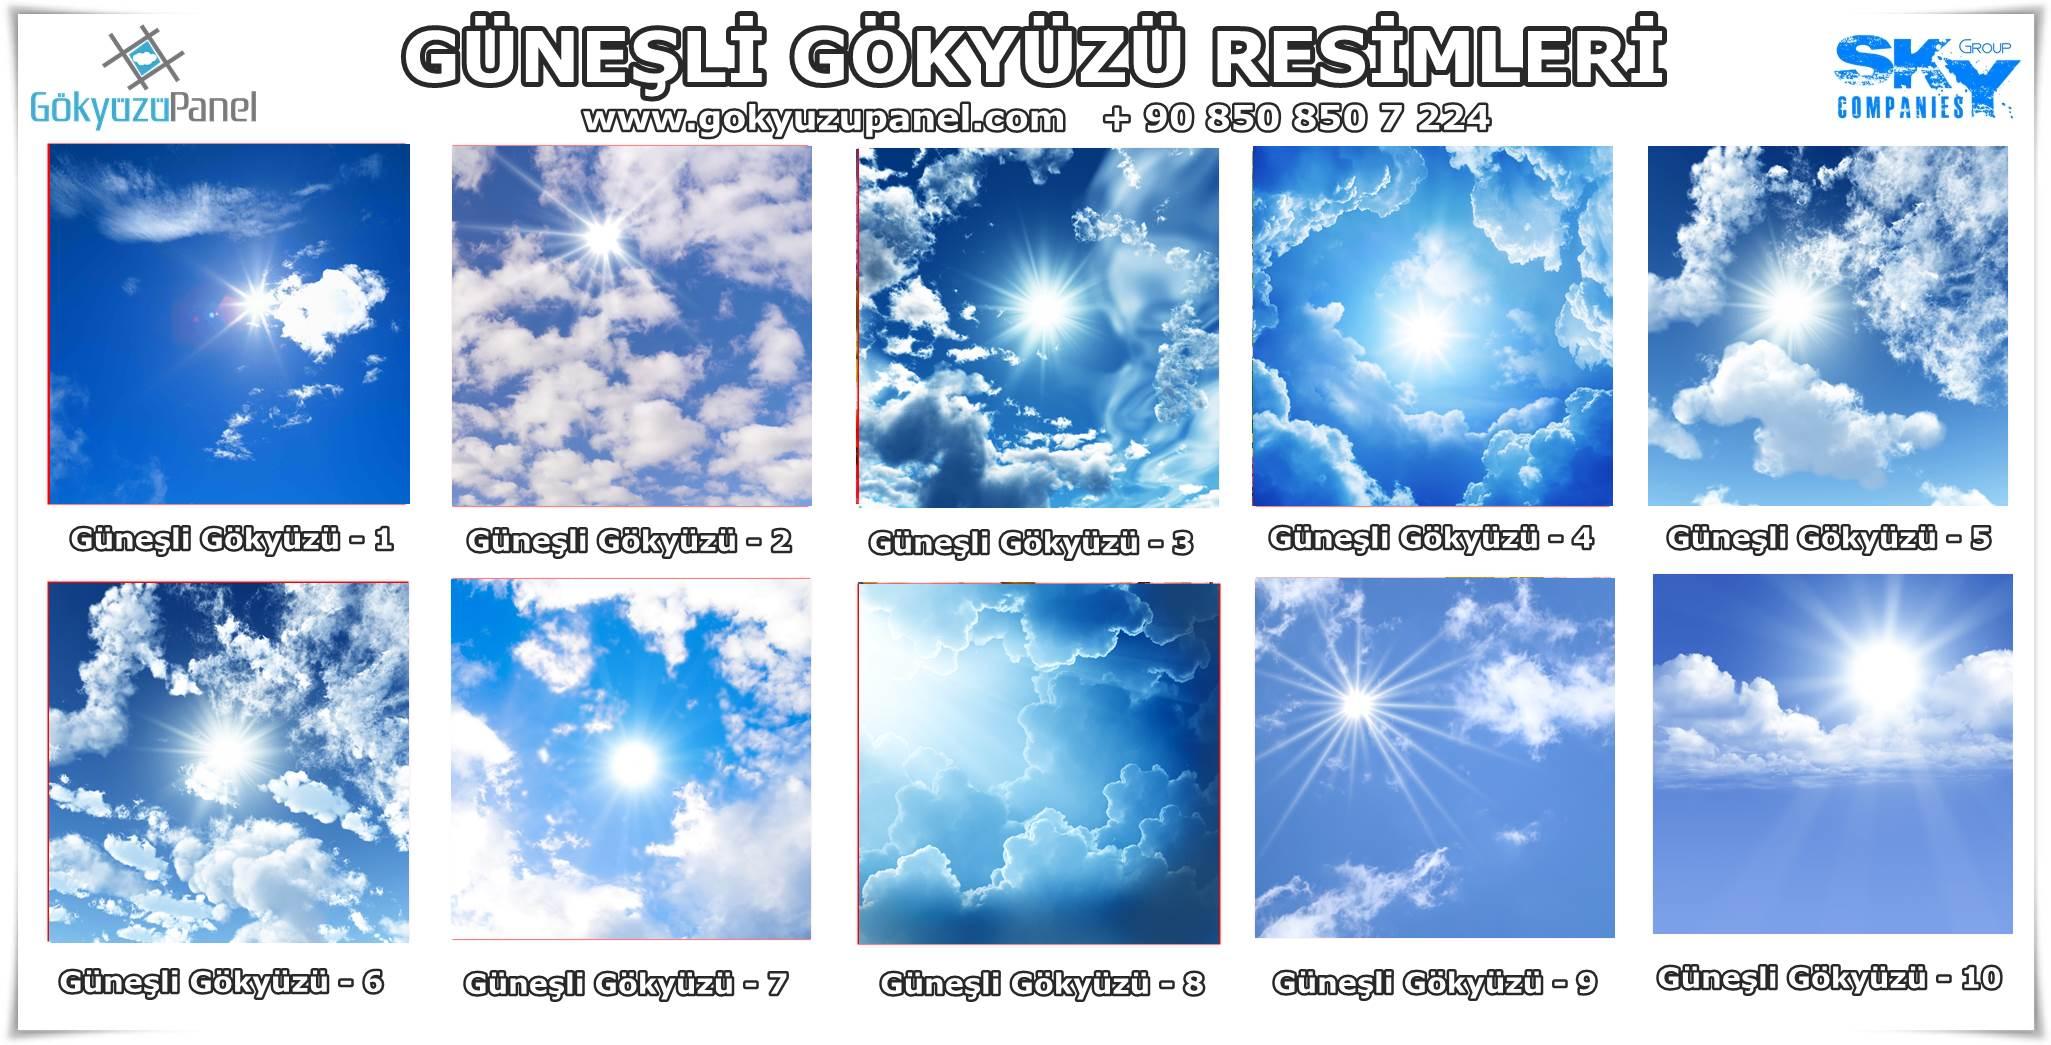 Güneşli Gökyüzü